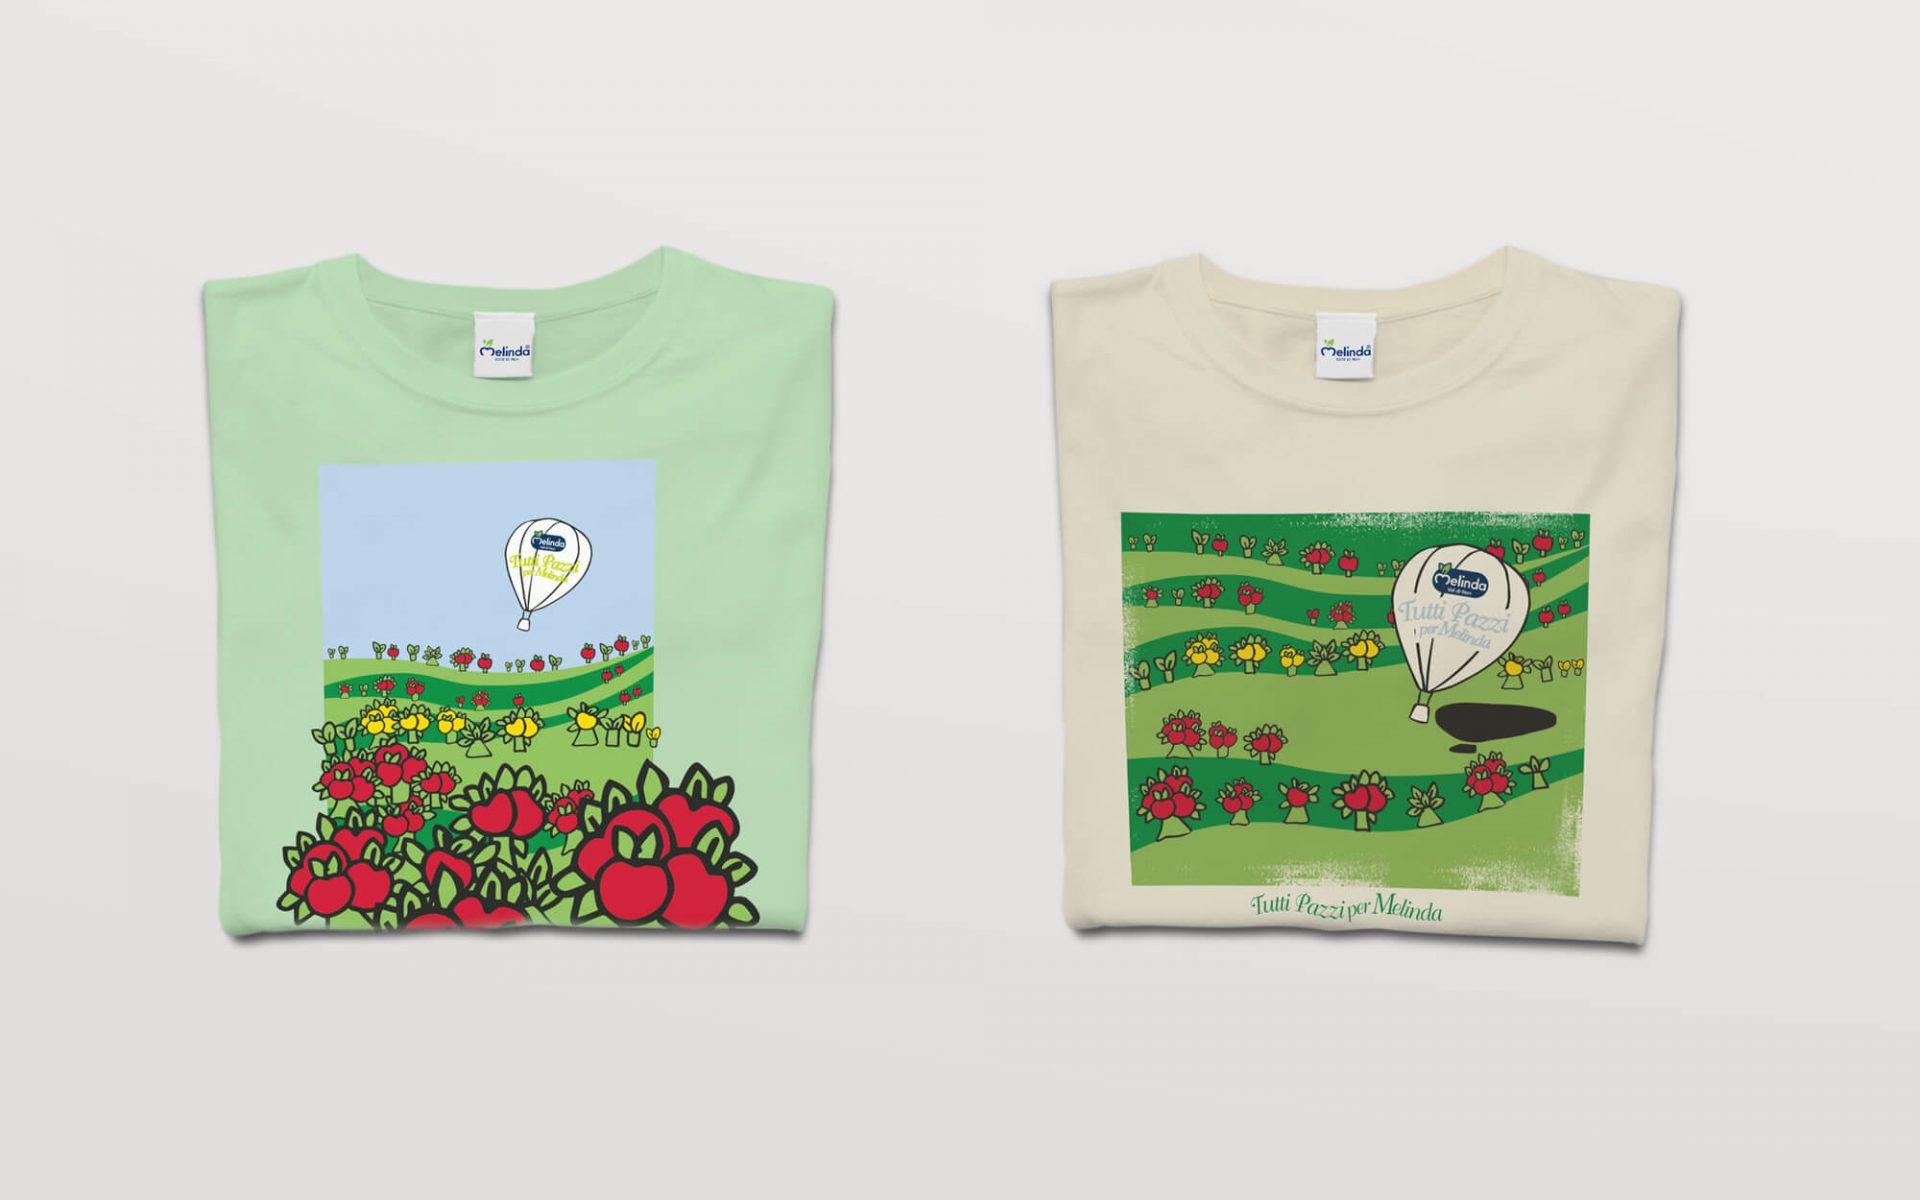 illustrazioni per personalizzazione magliette Mondo Melinda, disegnate dalla agenzia di comunicazione diadestudio arco trento